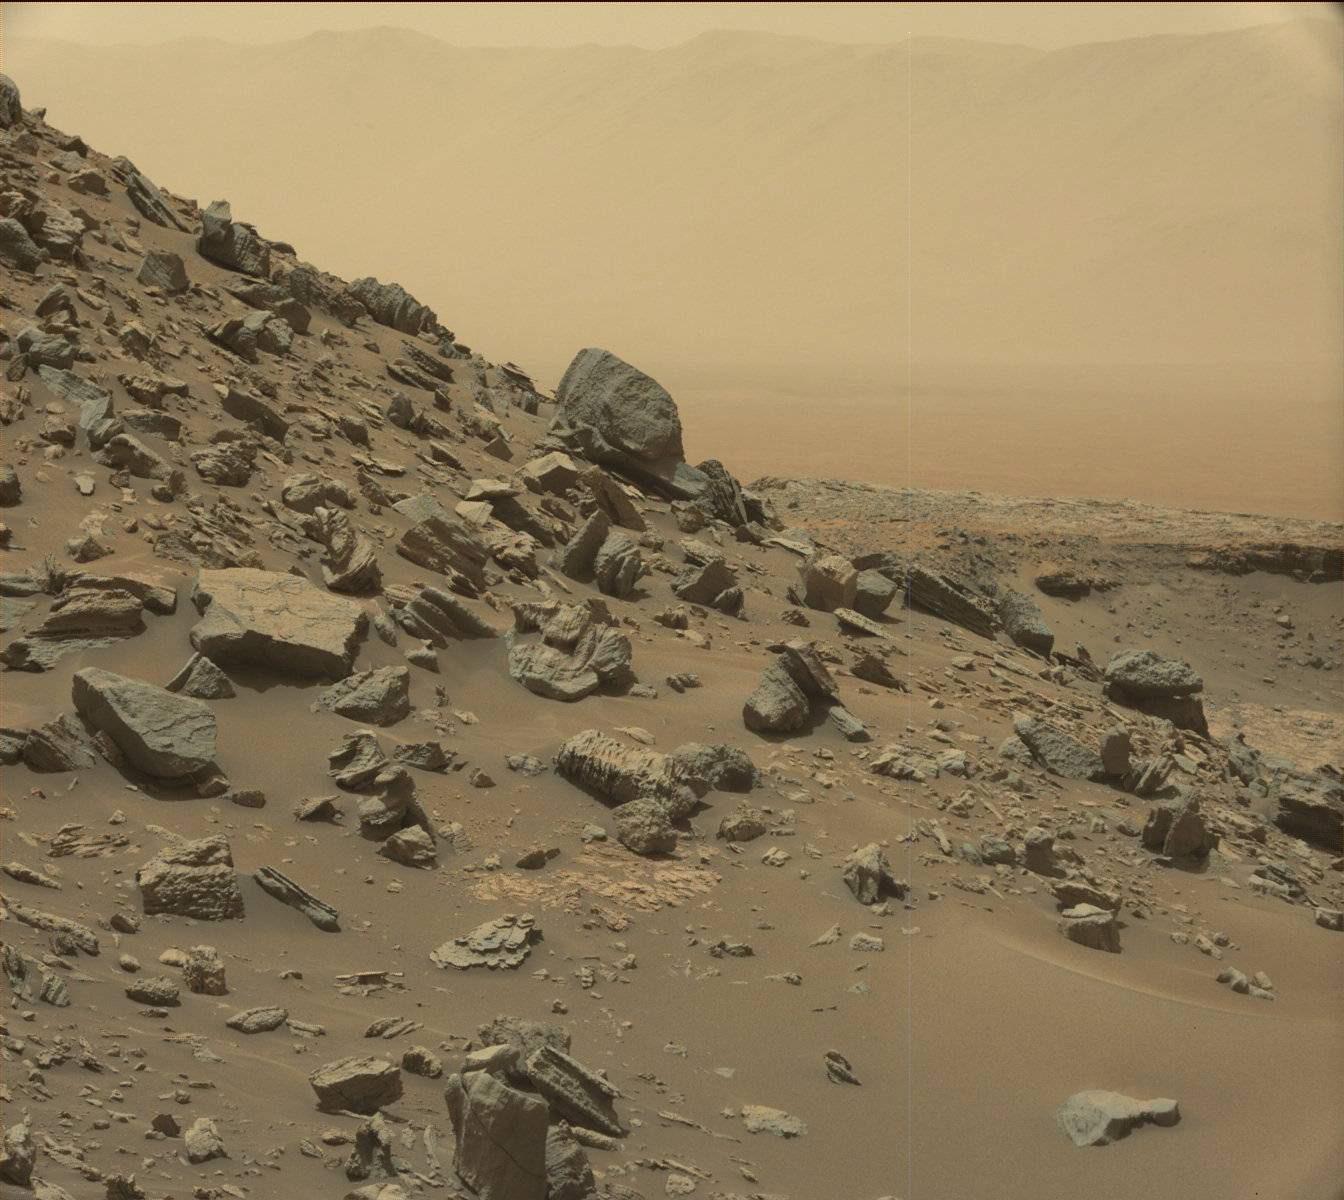 Илон Мъск иска първата мисия с хора до Марс да бъде още през 2022 г. Това е с три години по-рано от първоначалните му планове